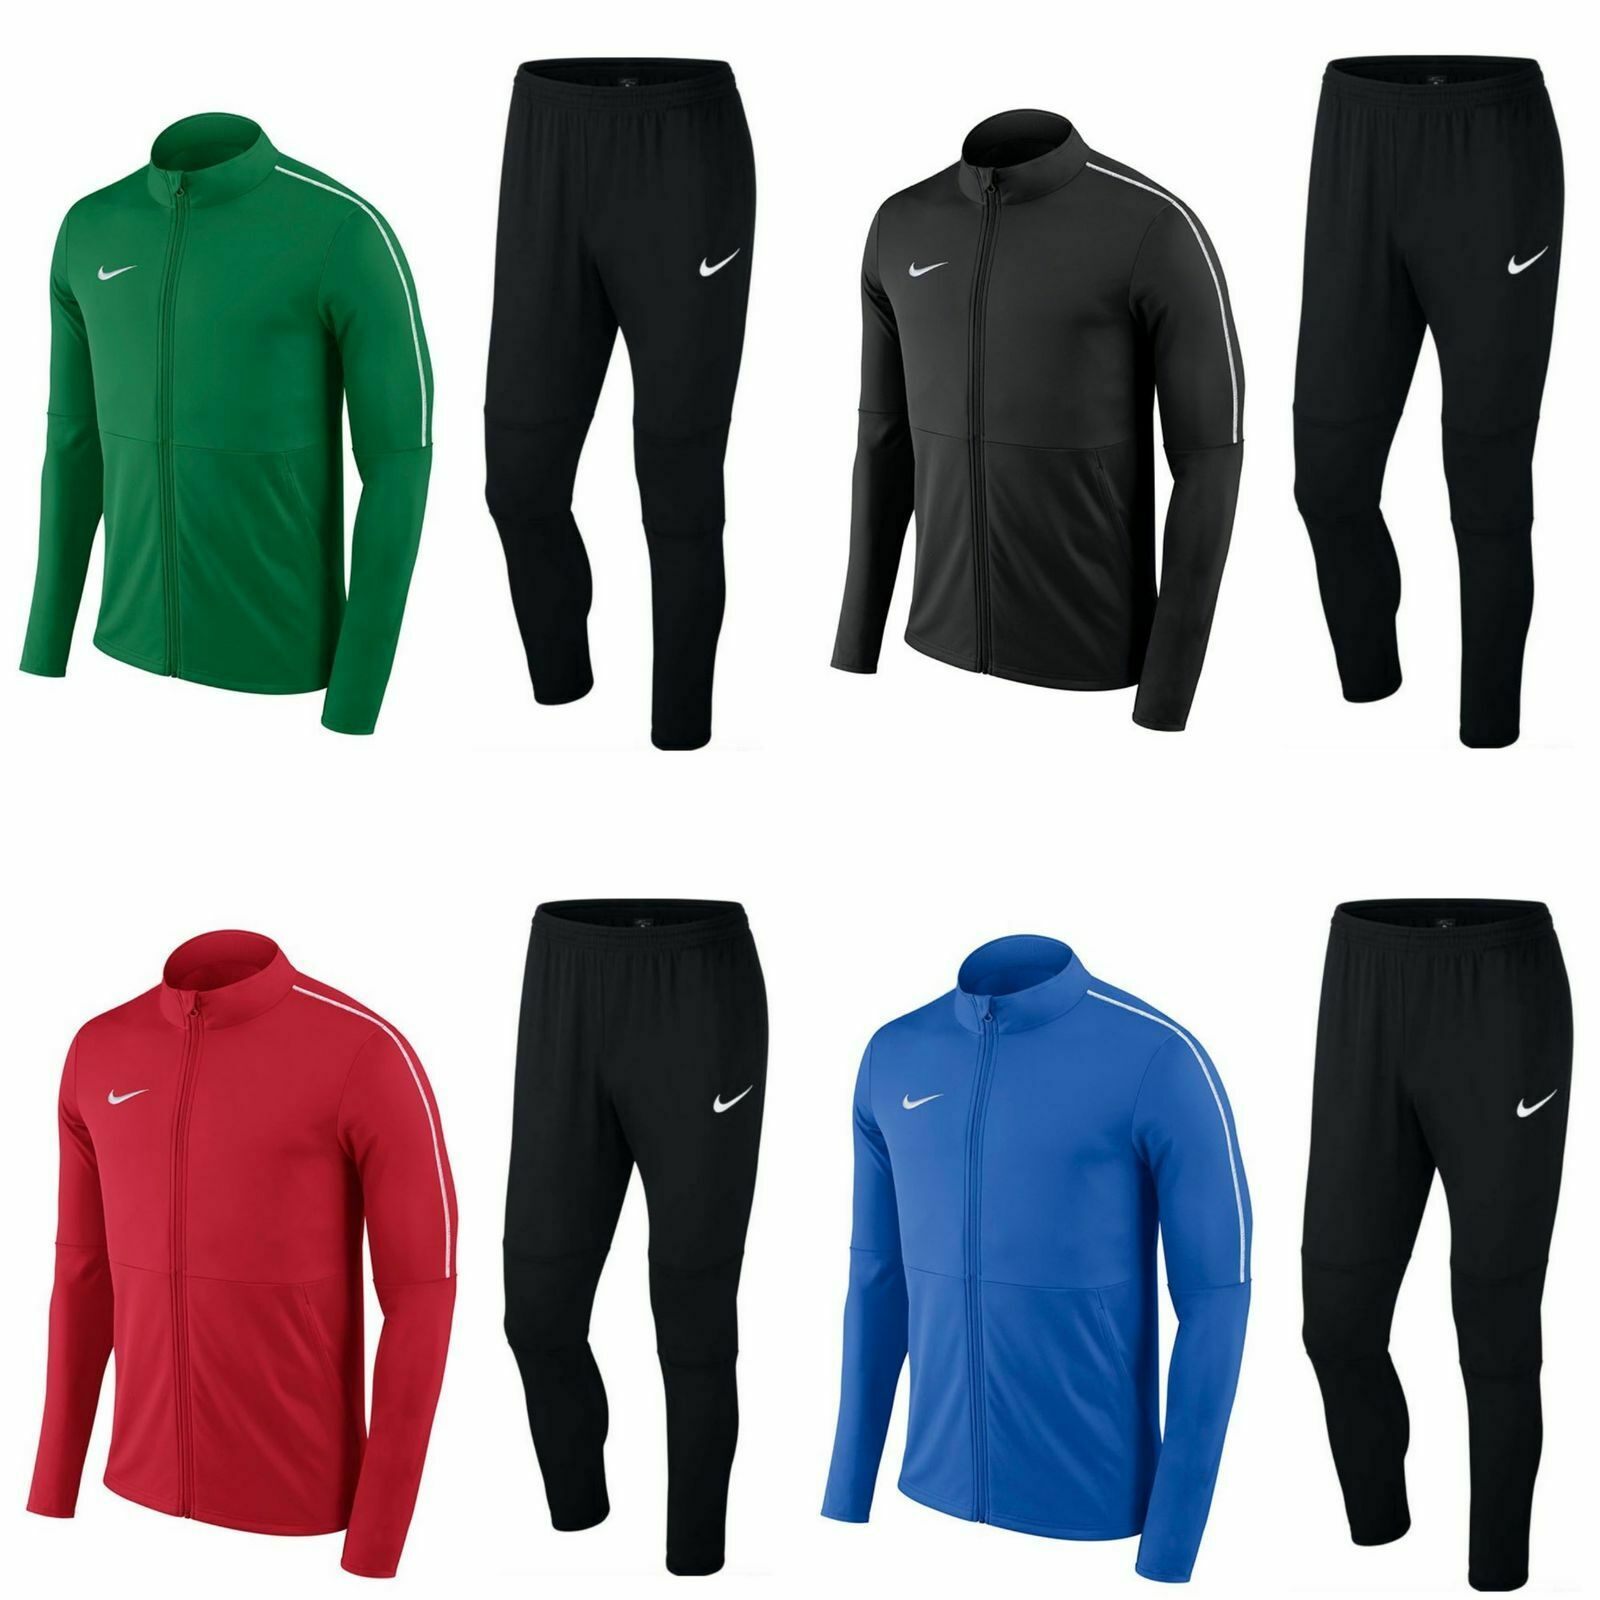 aeb43464 Nike Jogginganzug Herren Jogging Anzug Trainingsanzug Männer dünn für den  Sommer*